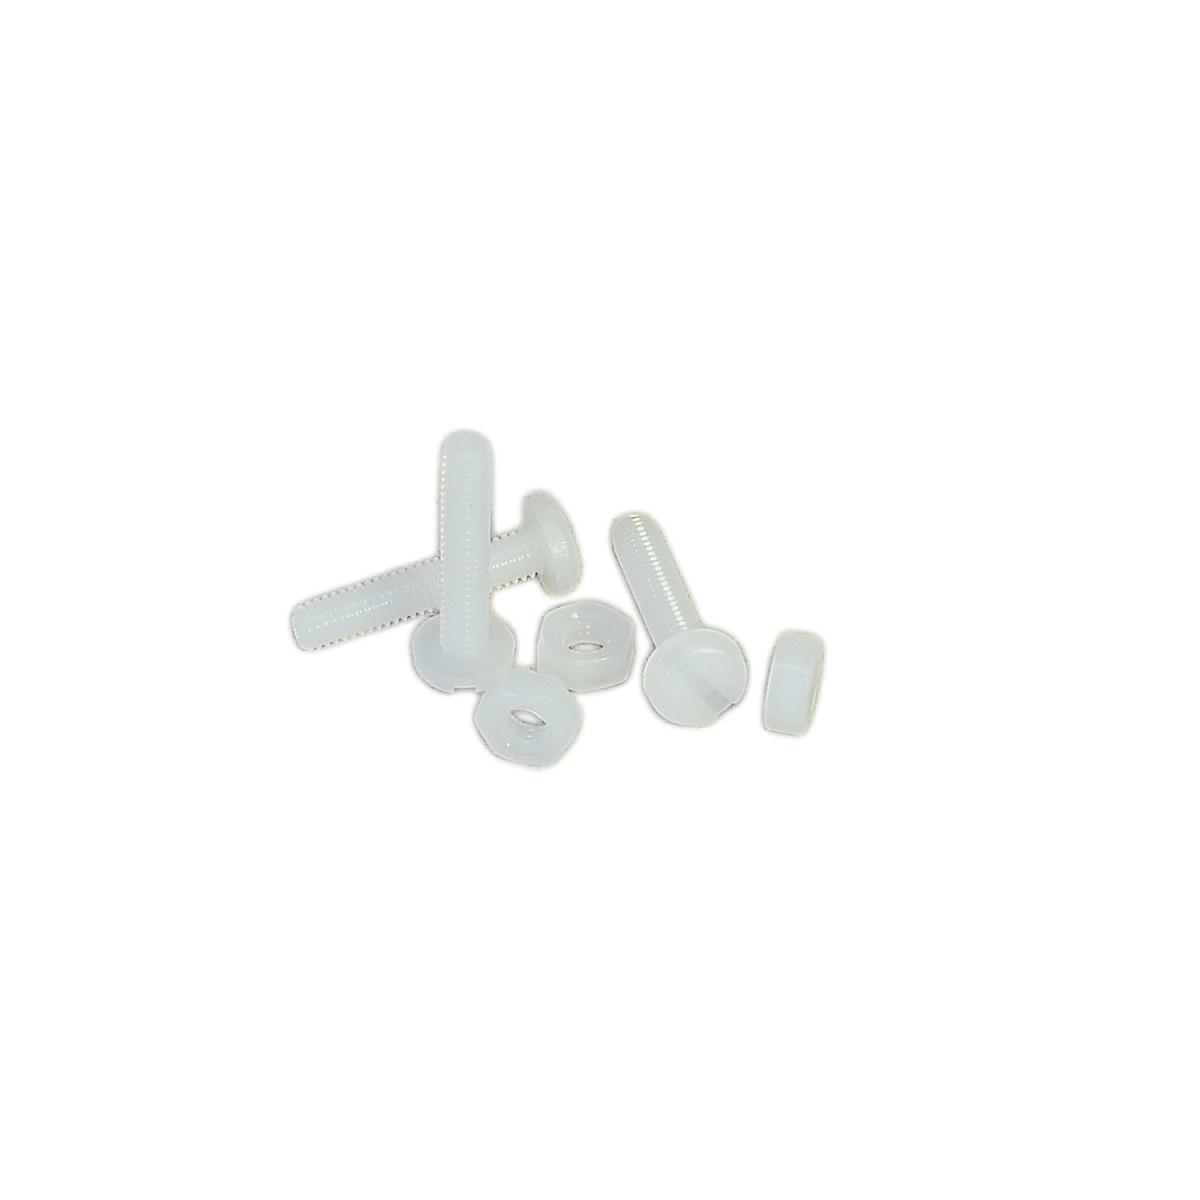 montageschrauben und muttern f r herrnhuter sterne a13 von herrnhuter sterne f r 5 9 kaufen. Black Bedroom Furniture Sets. Home Design Ideas